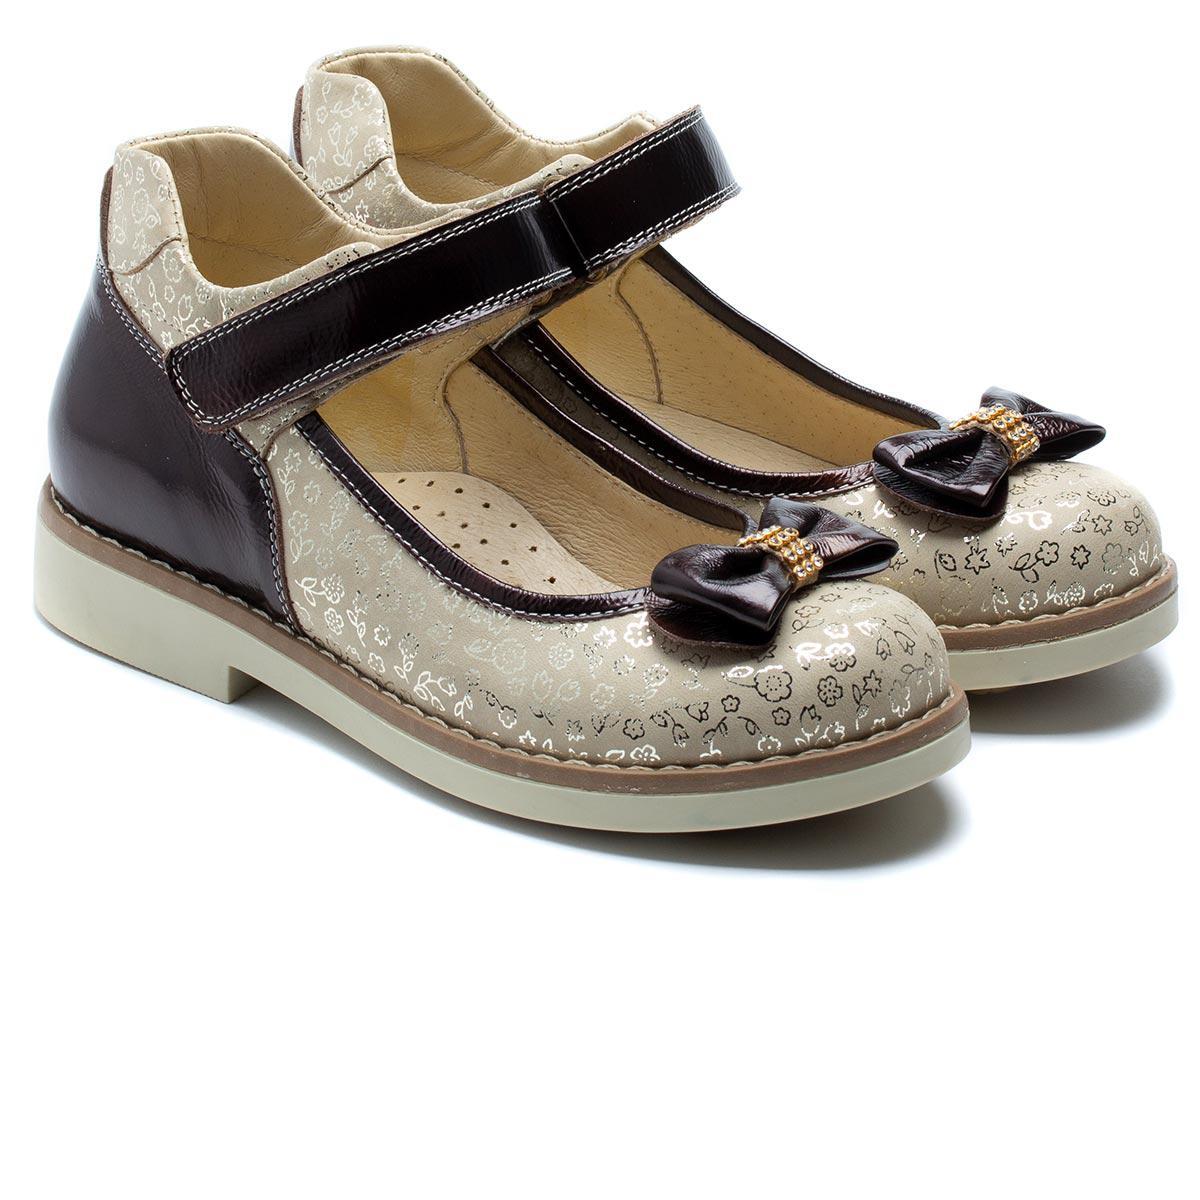 Кожаные, ортопедические туфли FS Сollection для девочки, размер 32